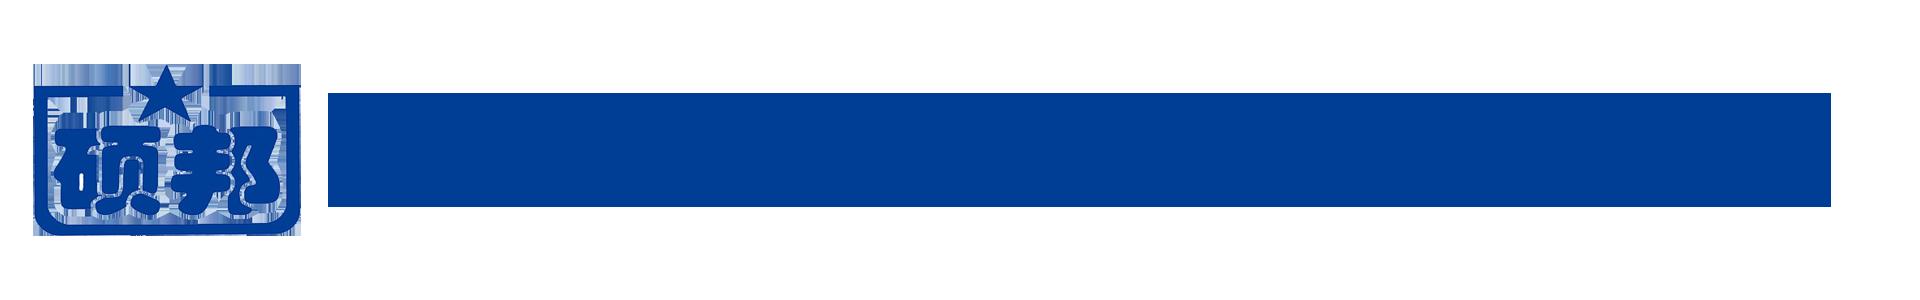 宁夏硕邦电线电缆有限公司